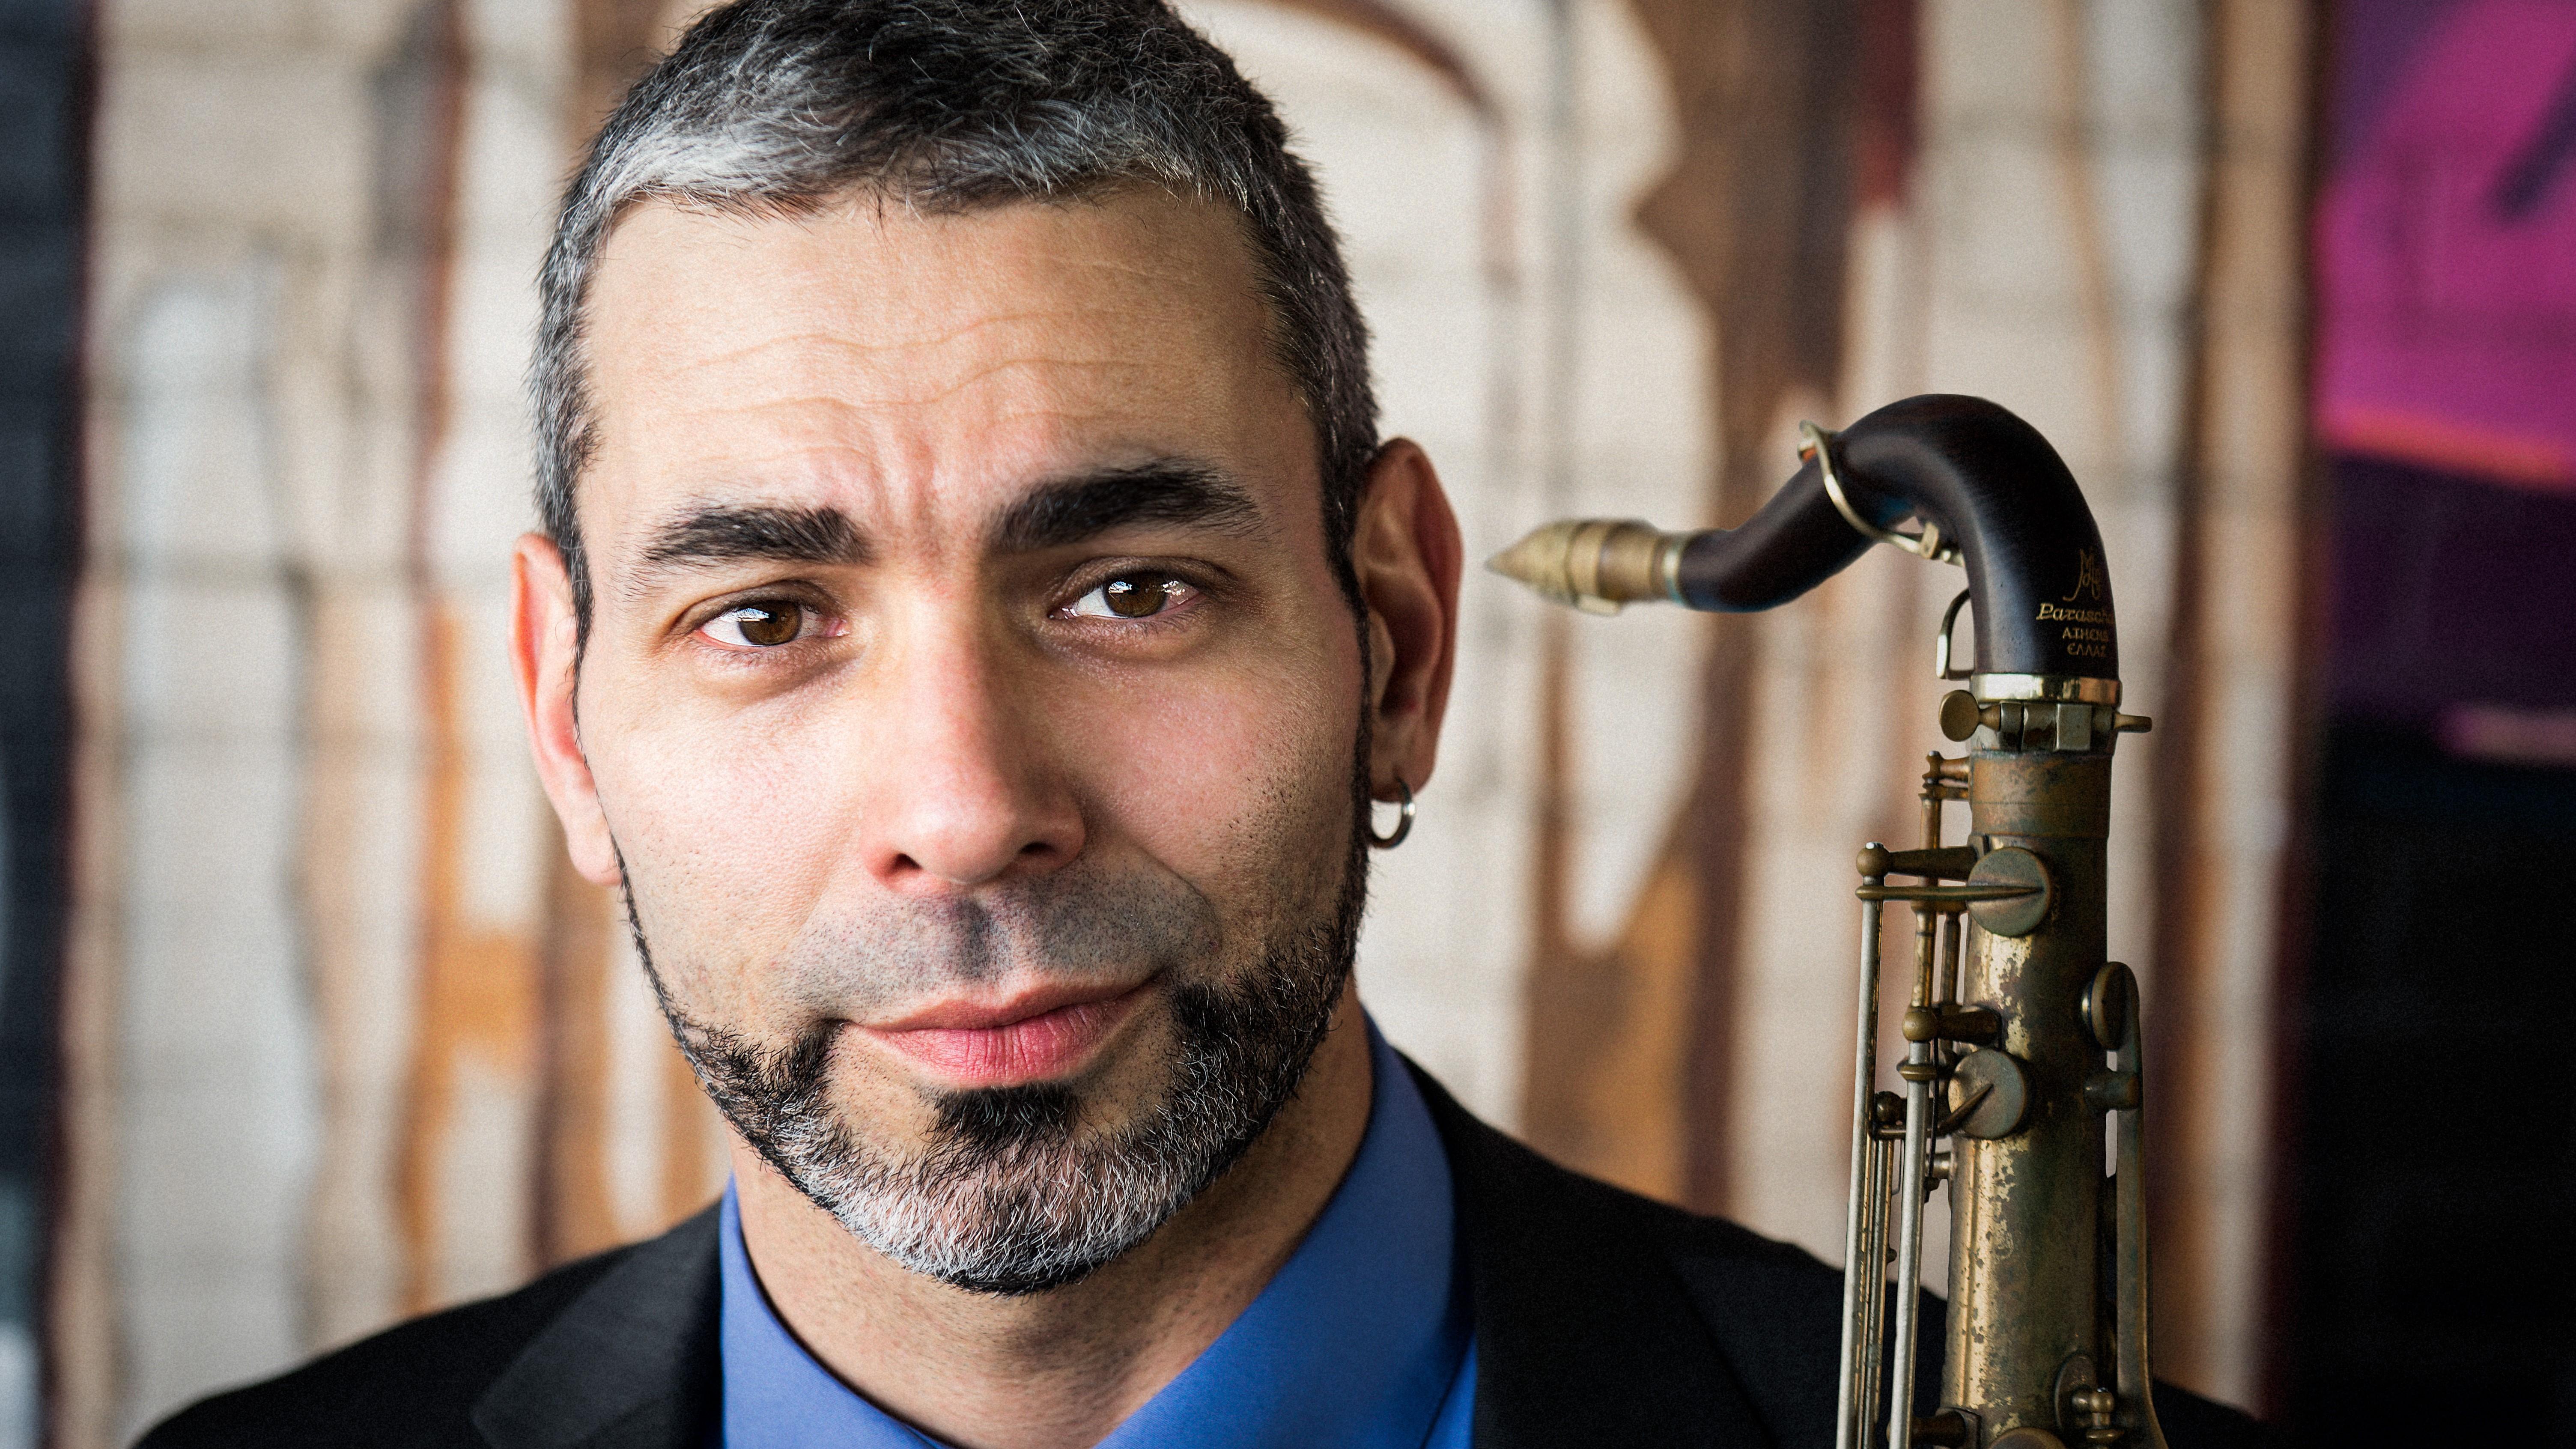 Felipe Salles Quartet